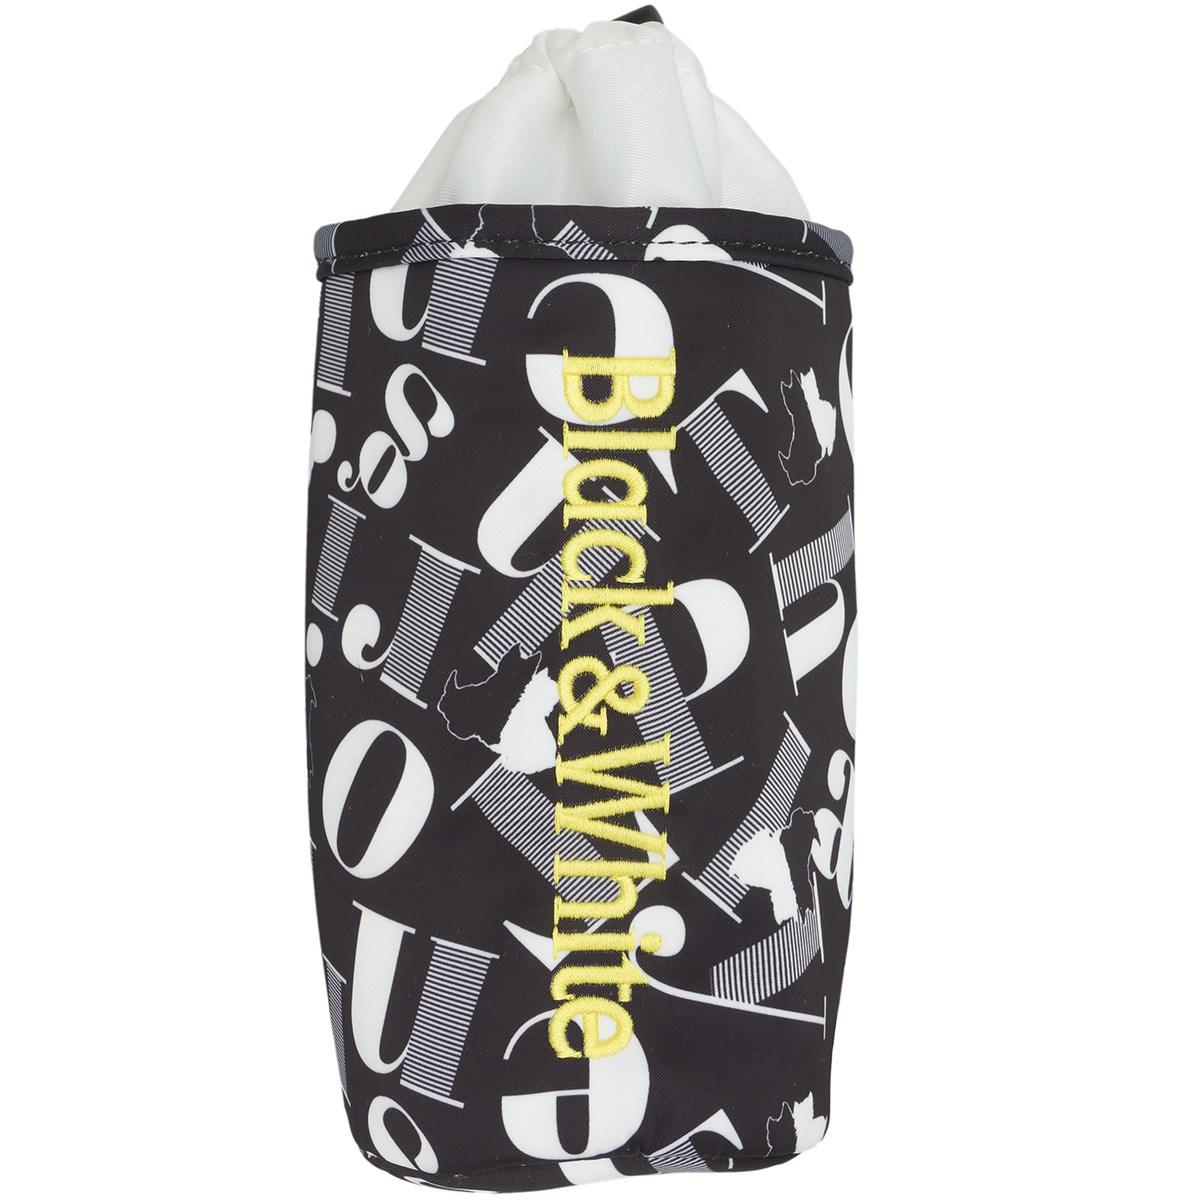 ブラック&ホワイト ボトルポーチ